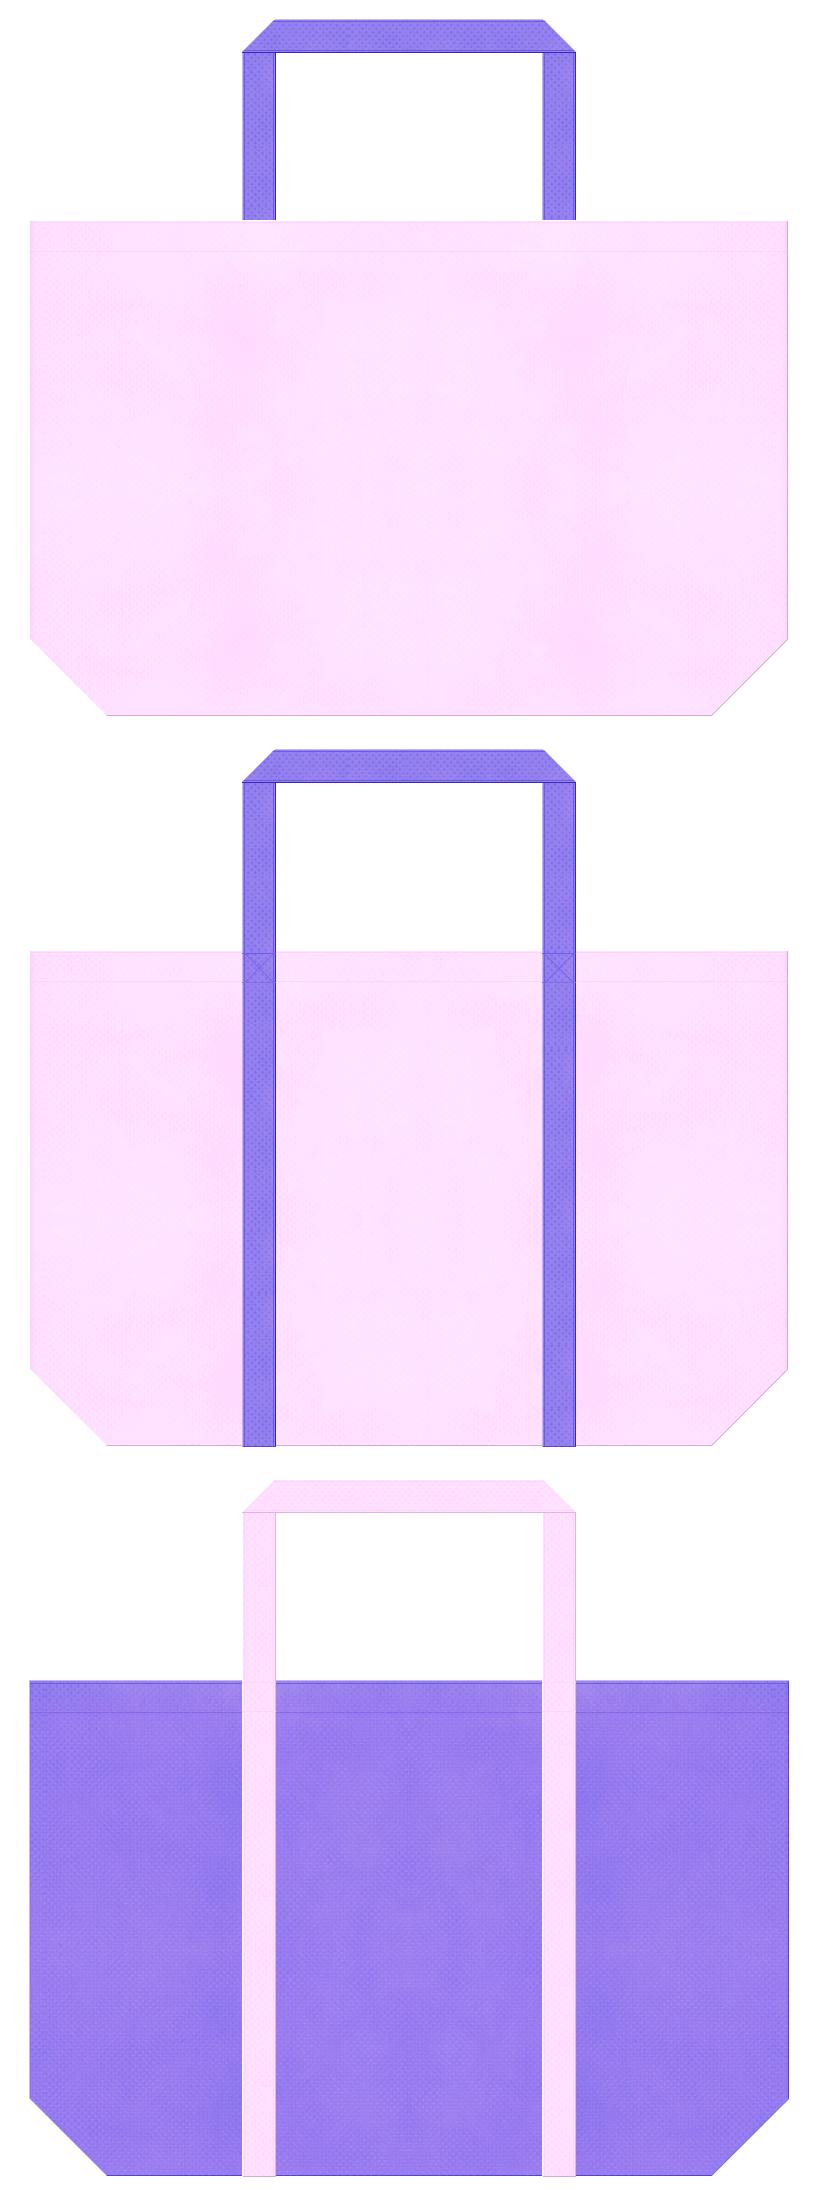 明るいピンク色と薄紫色の不織布バッグデザイン。ガーリーファッションのショッピングバッグにお奨めです。